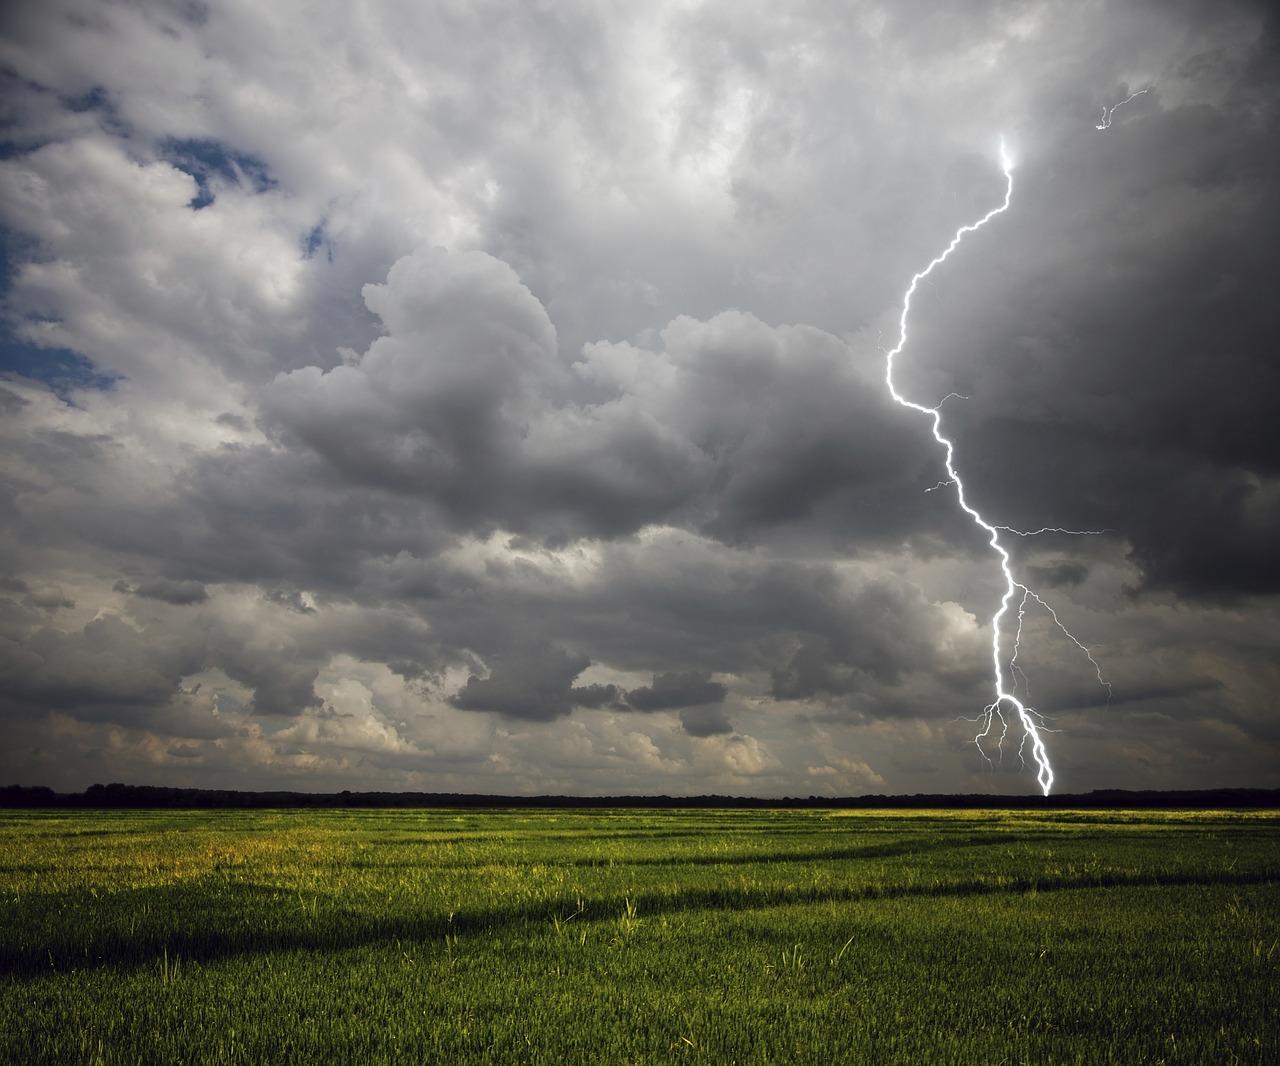 Zasady bezpieczeństwa podczas burz